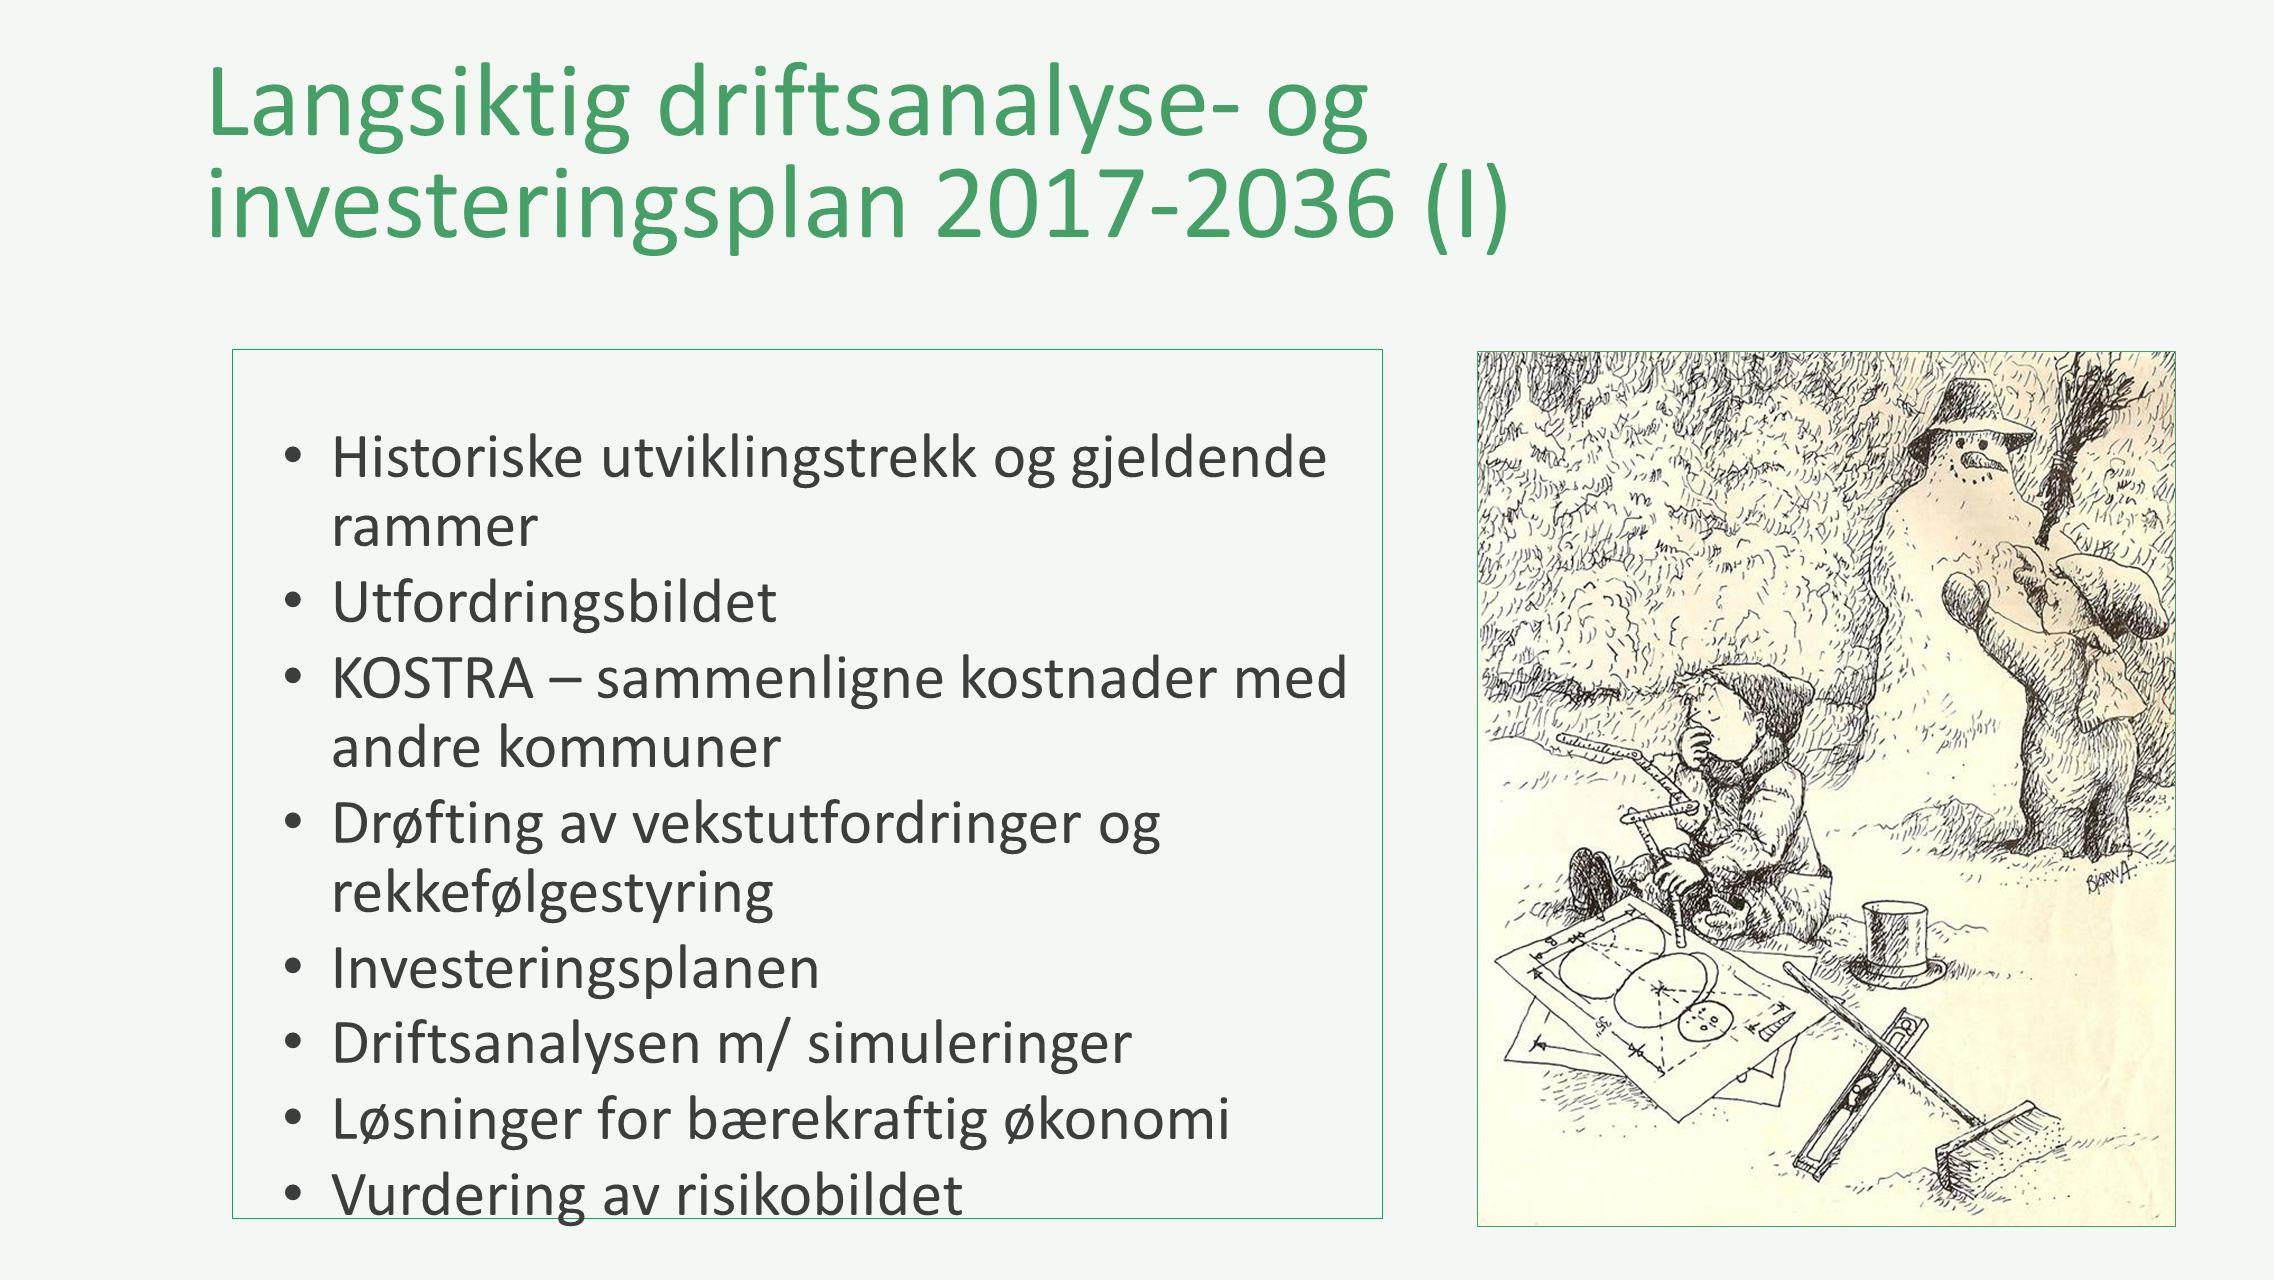 Langsiktig driftsanalyse- og investeringsplan 2017-2036 (I) Historiske utviklingstrekk og gjeldende rammer Utfordringsbildet KOSTRA – sammenligne kost